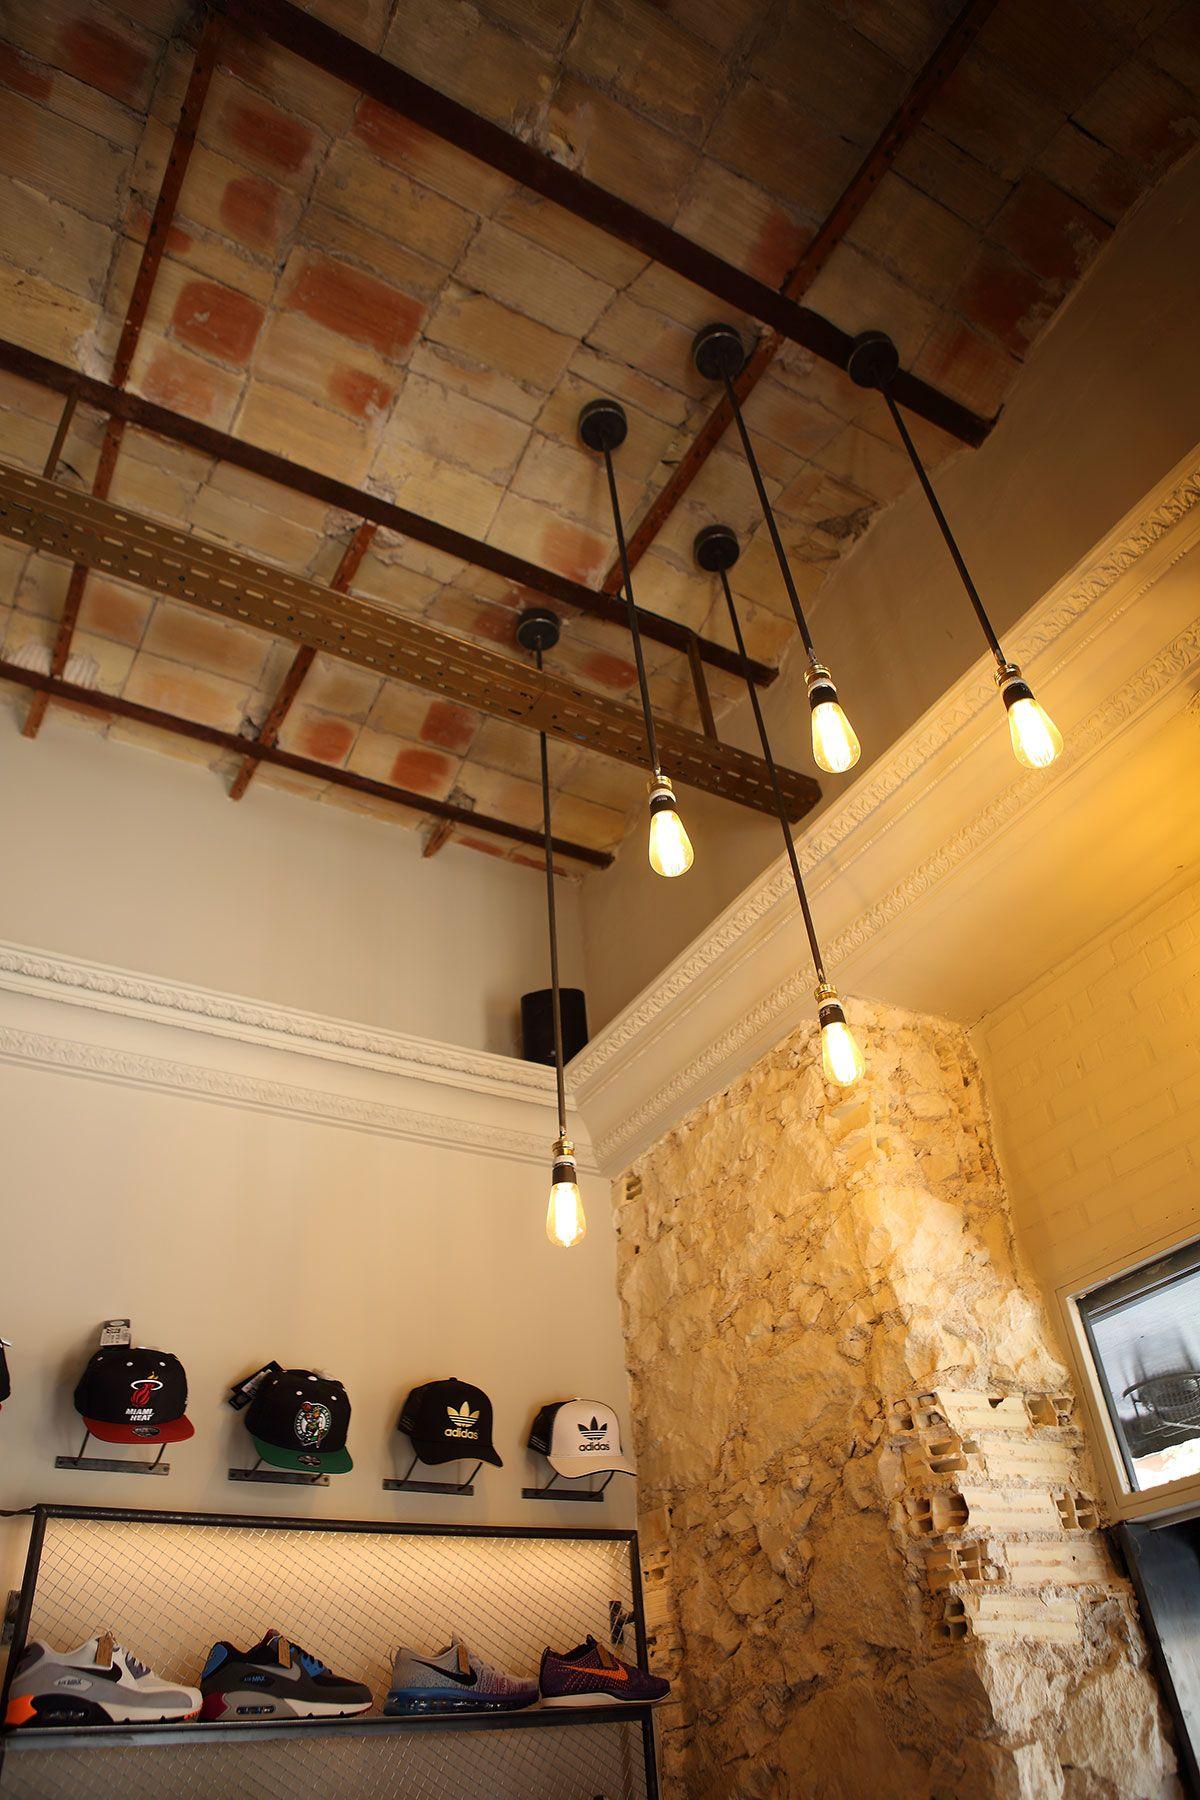 Paredes y vigas de hierro originales a la vista combinadas con lamparas de  diseño propio consiguen un estilo urbano muy propio en esta tienda de  sneakers 20ef82ea7b3